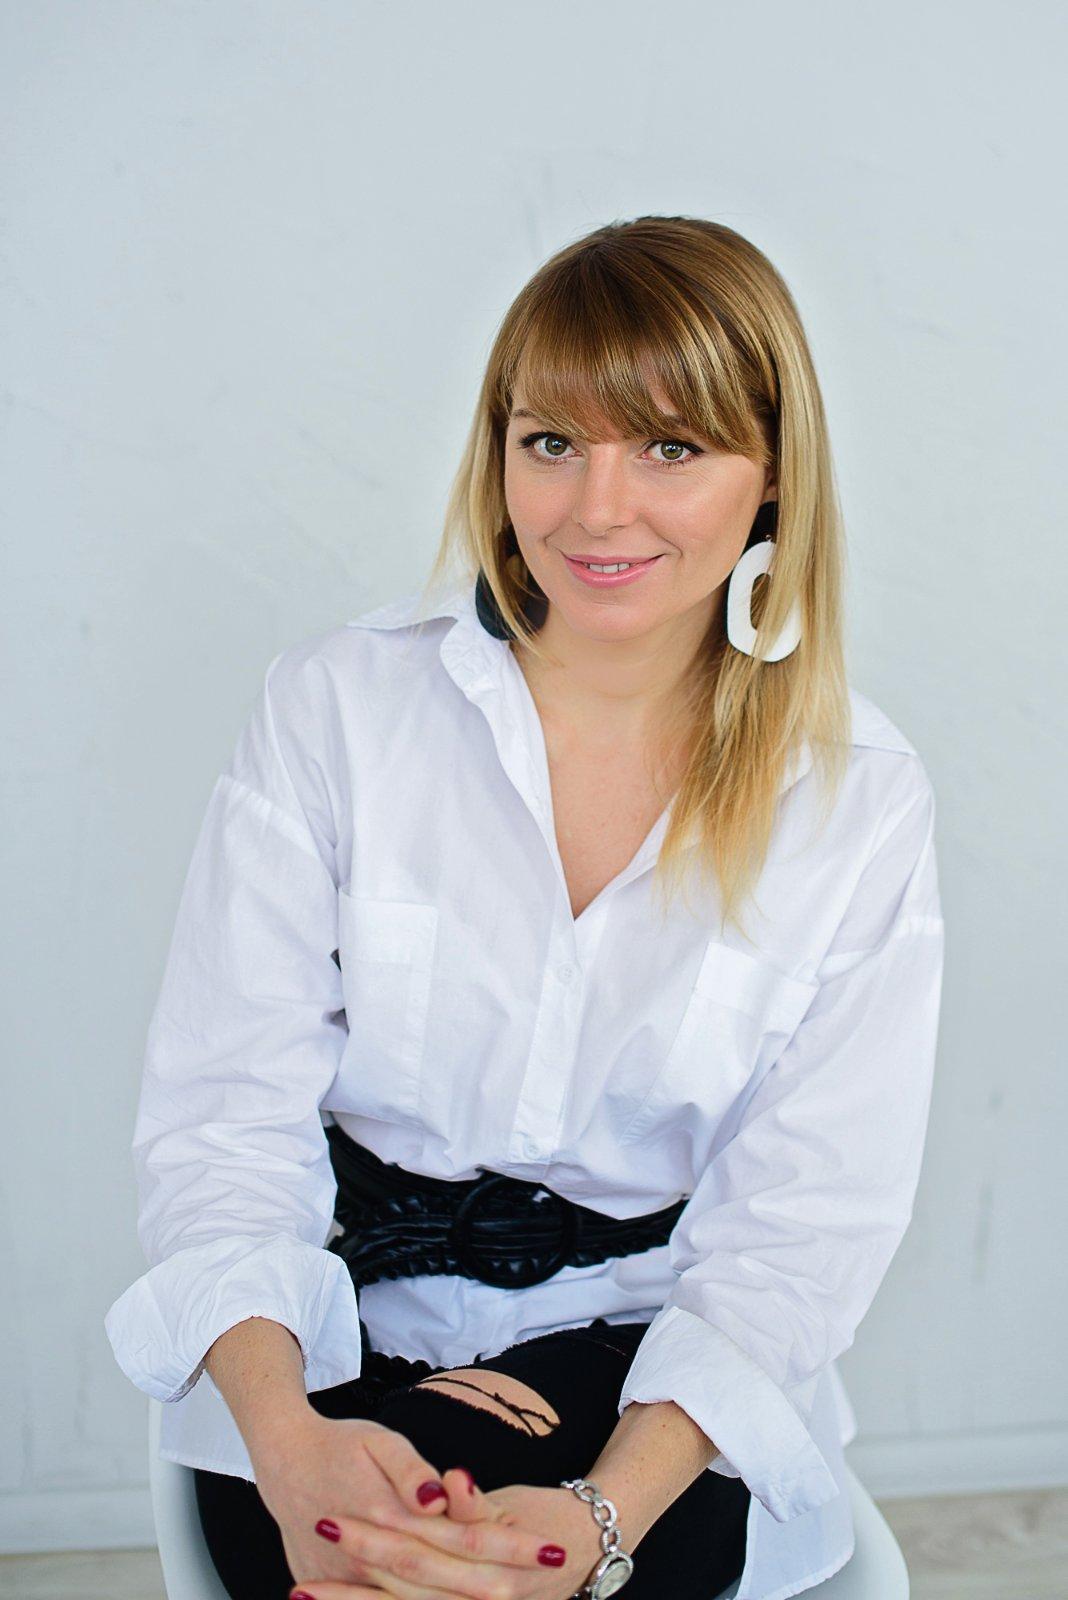 Светлана Котенко — основательница сервиса доставки здорового питания FoodEx